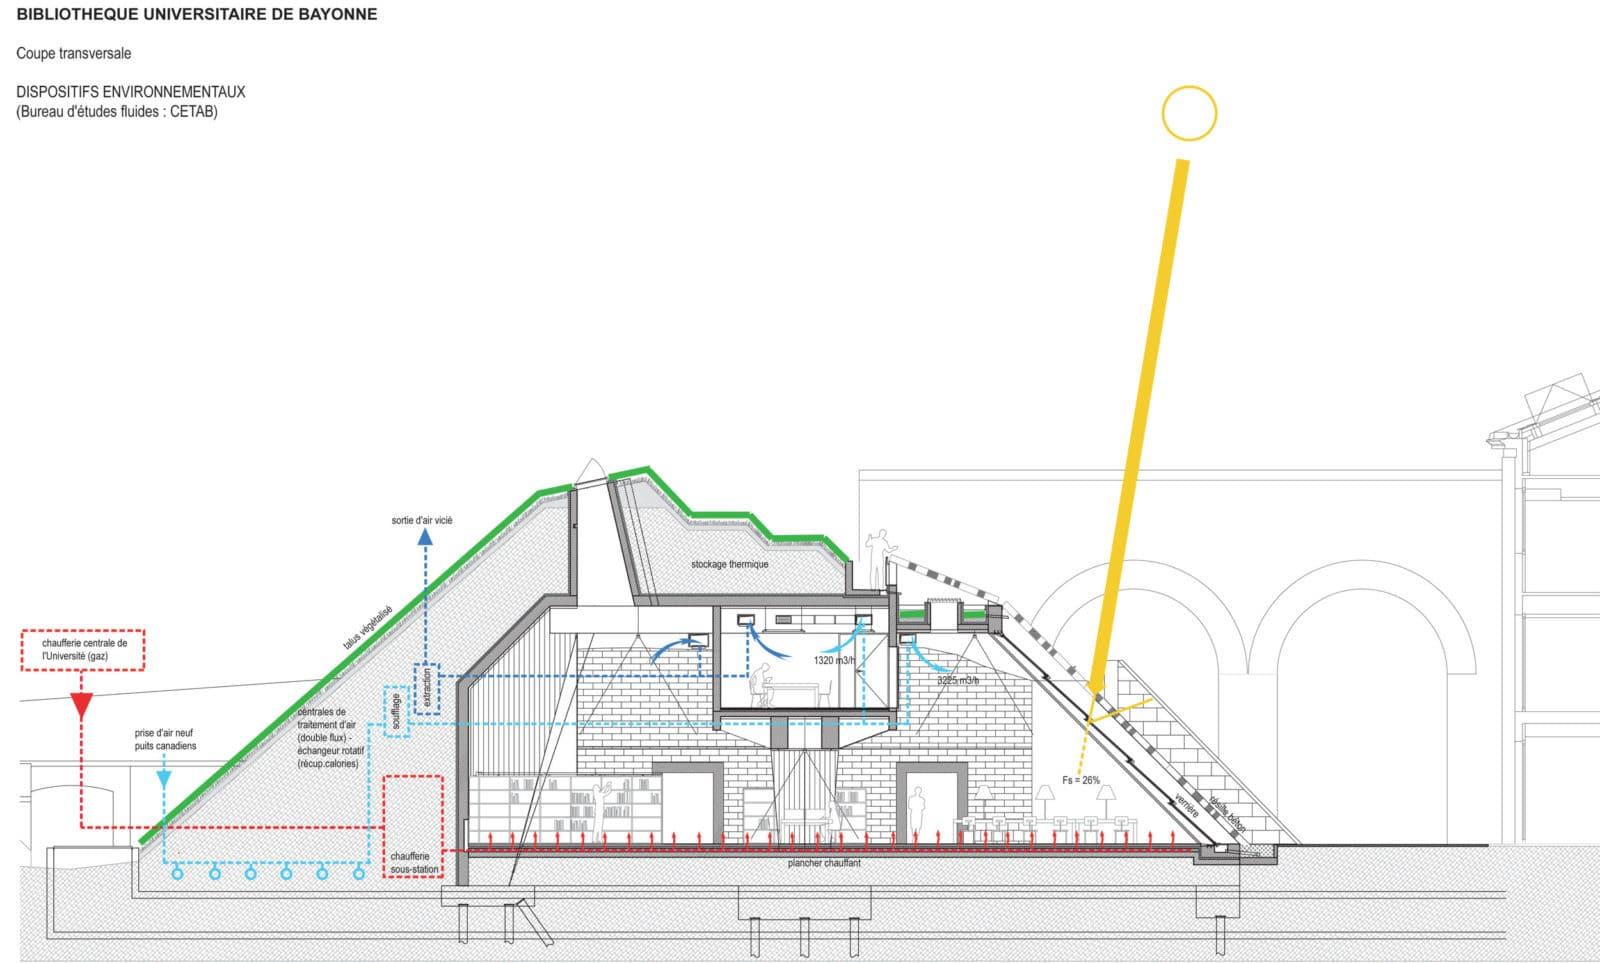 Puits Canadien Plan pour bibliothèque de bayonne par jean de giacinto architecture composite